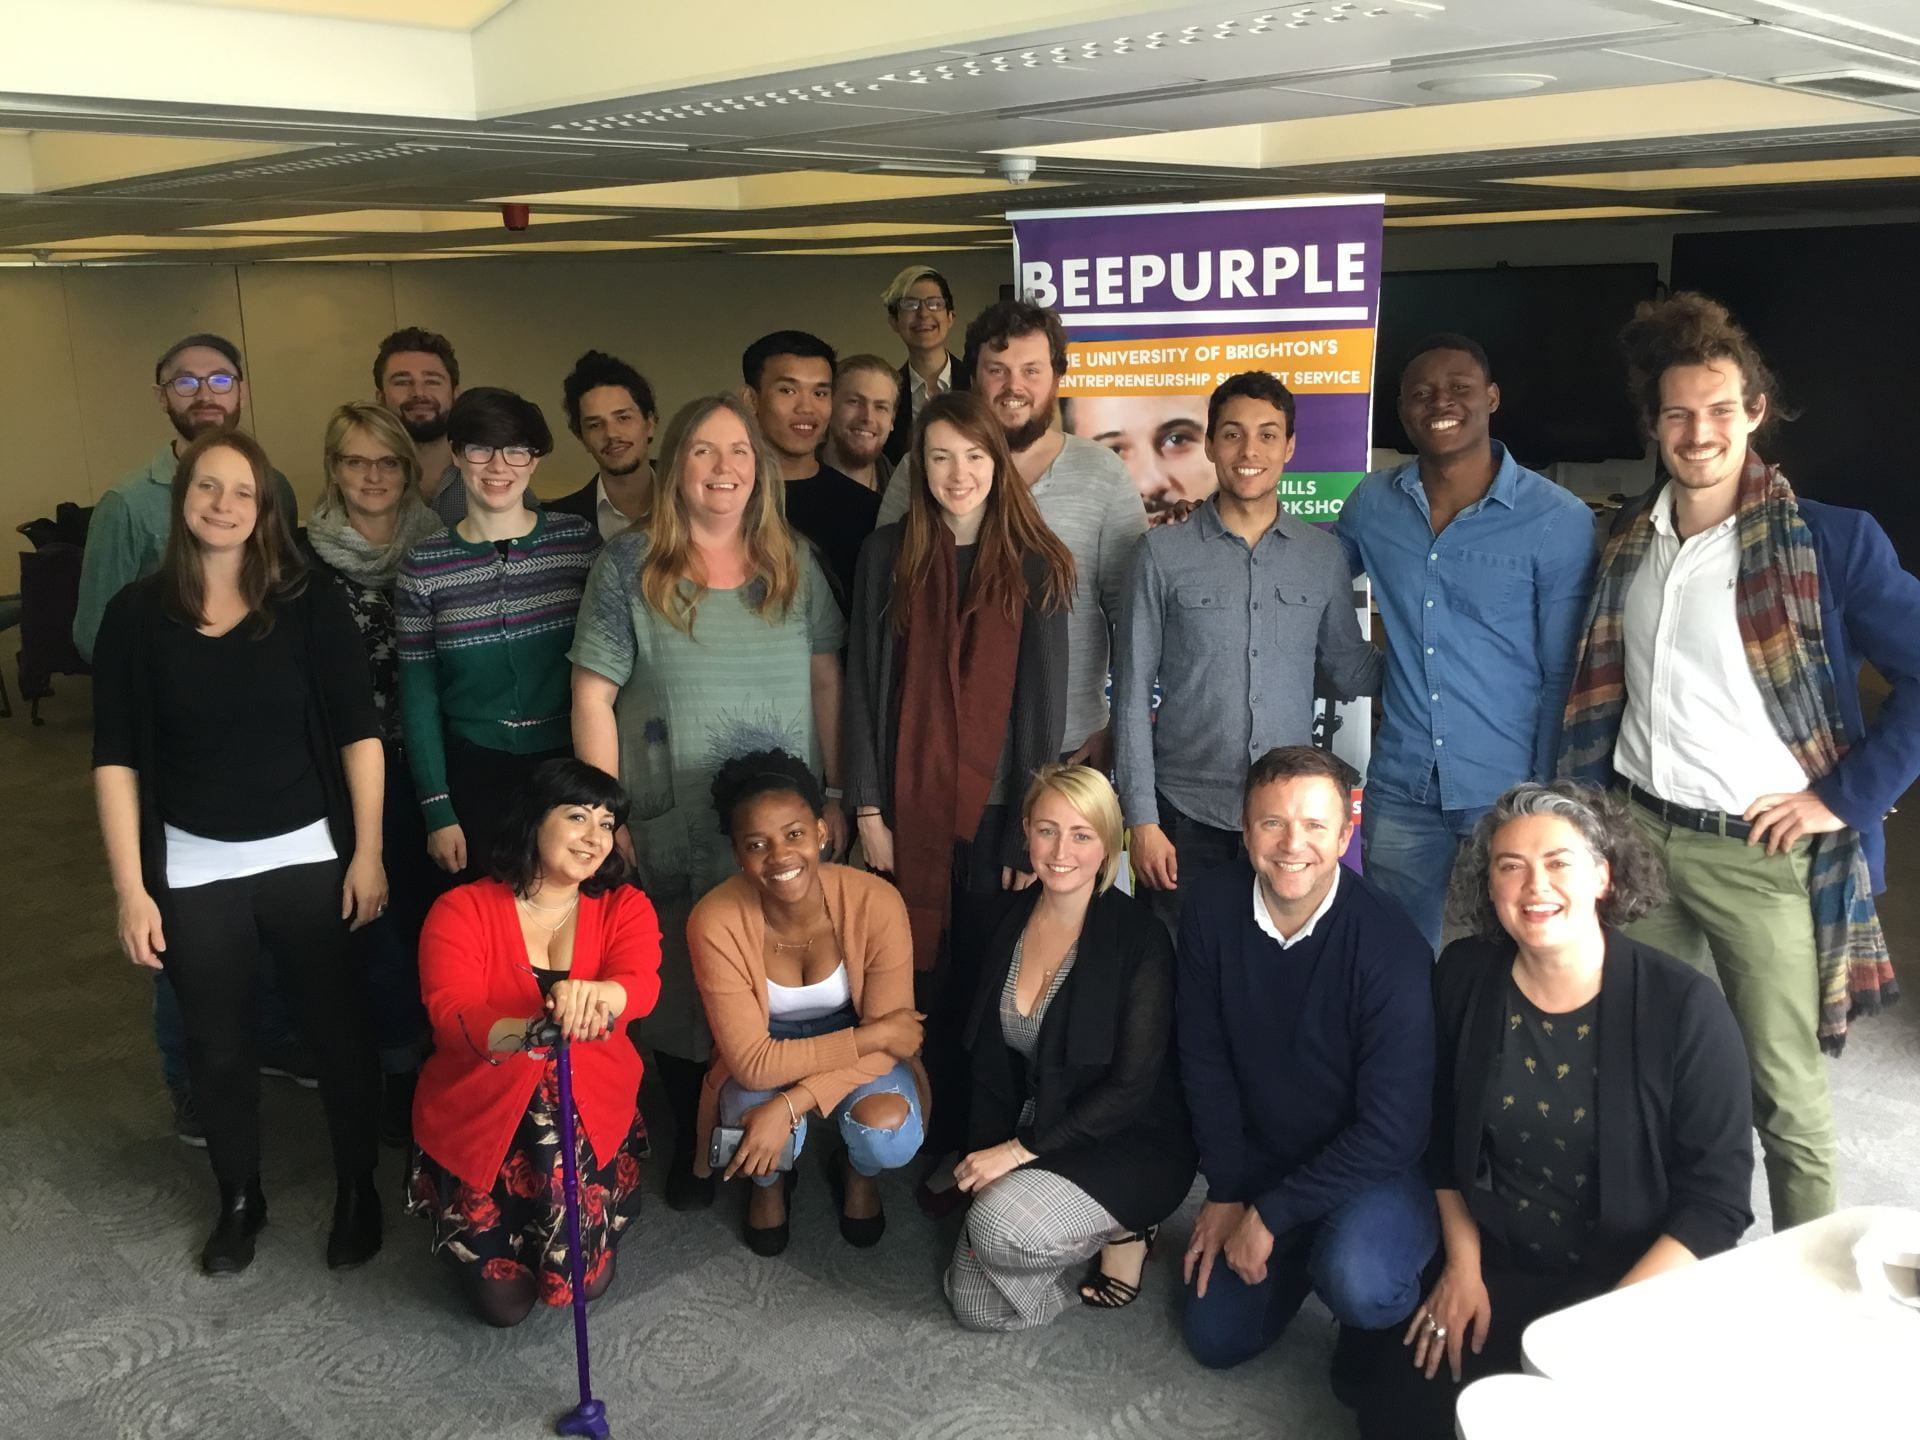 beepurple 2018-19